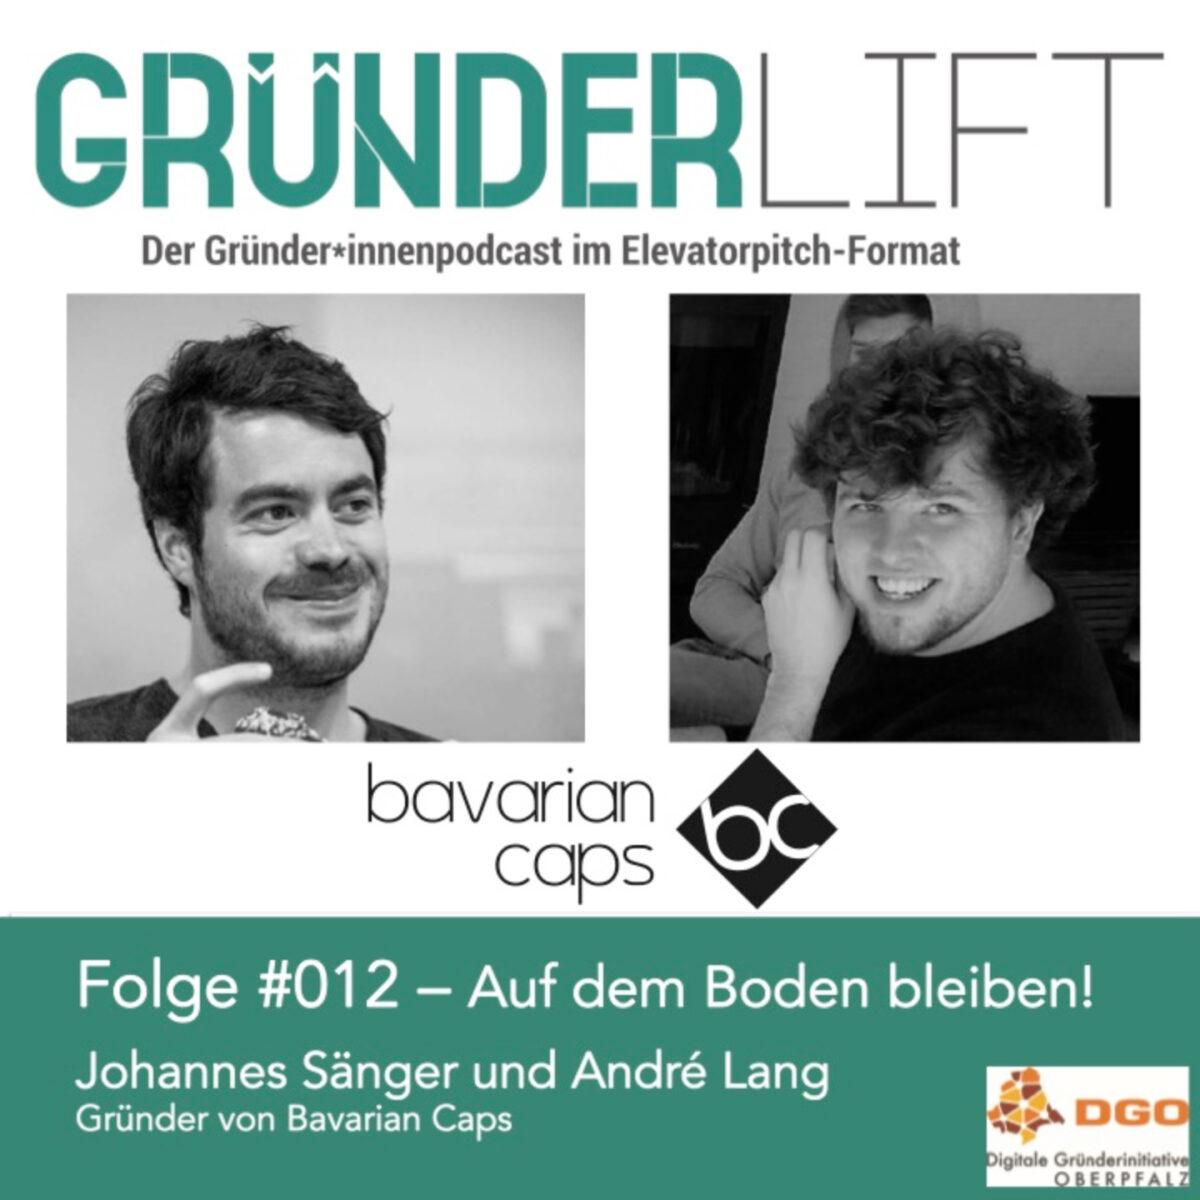 Gründerlift #012 - Auf dem Boden bleiben!